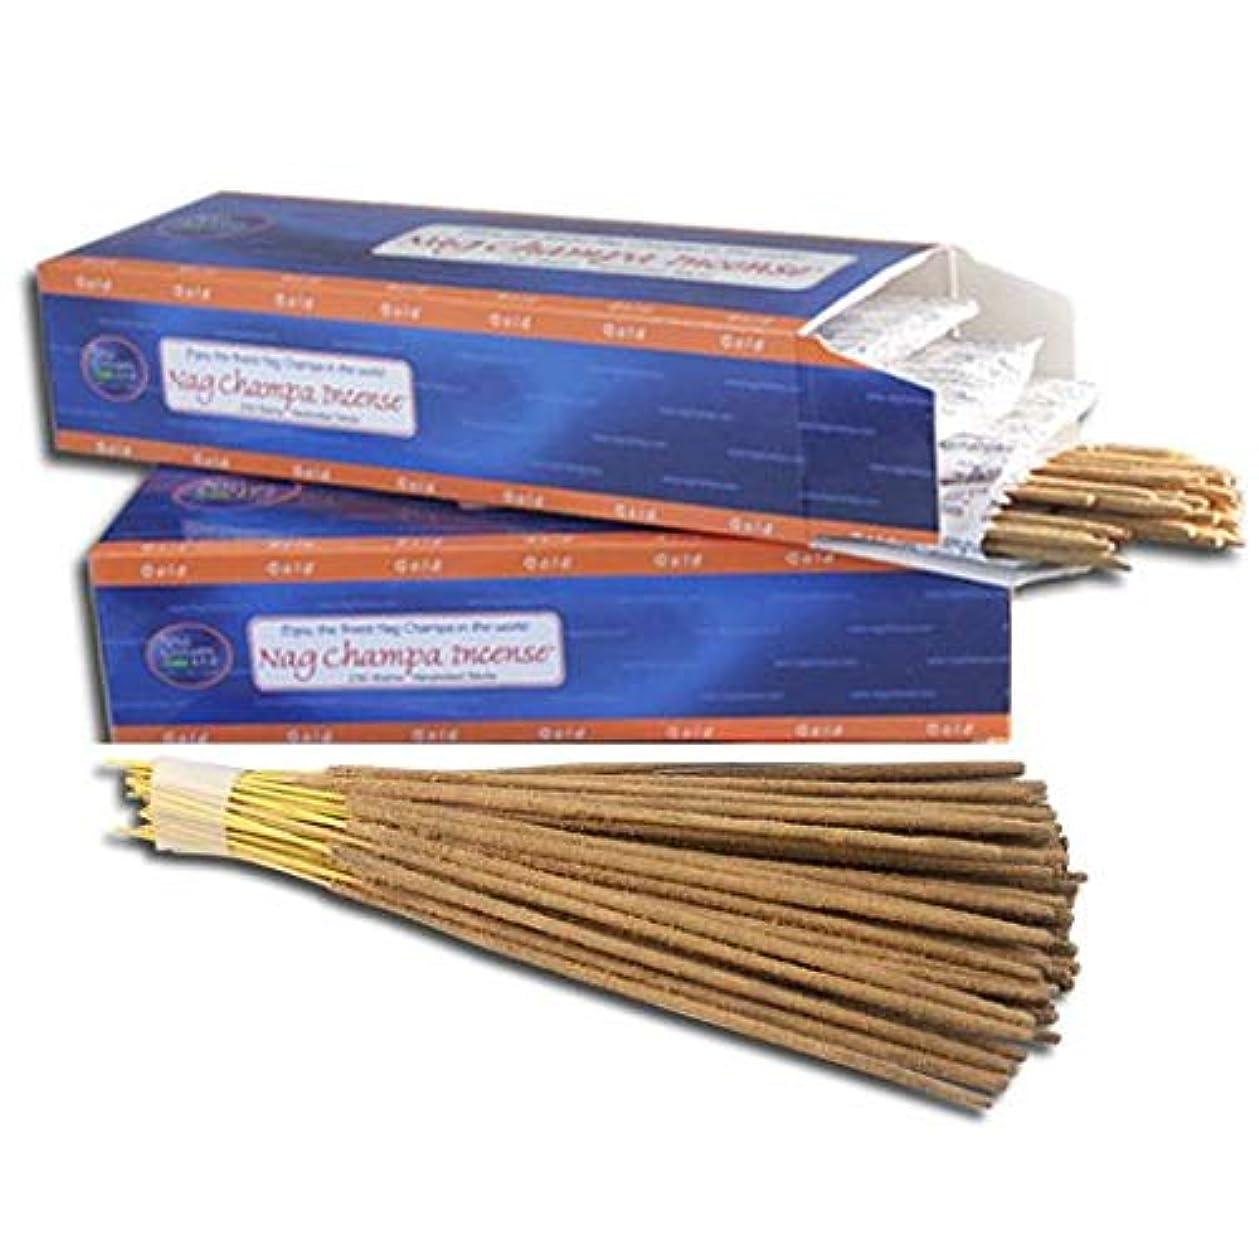 電気技師セットする有用Nag Champaゴールドincense-バルク500 Sticks Pack with Freeホルダー